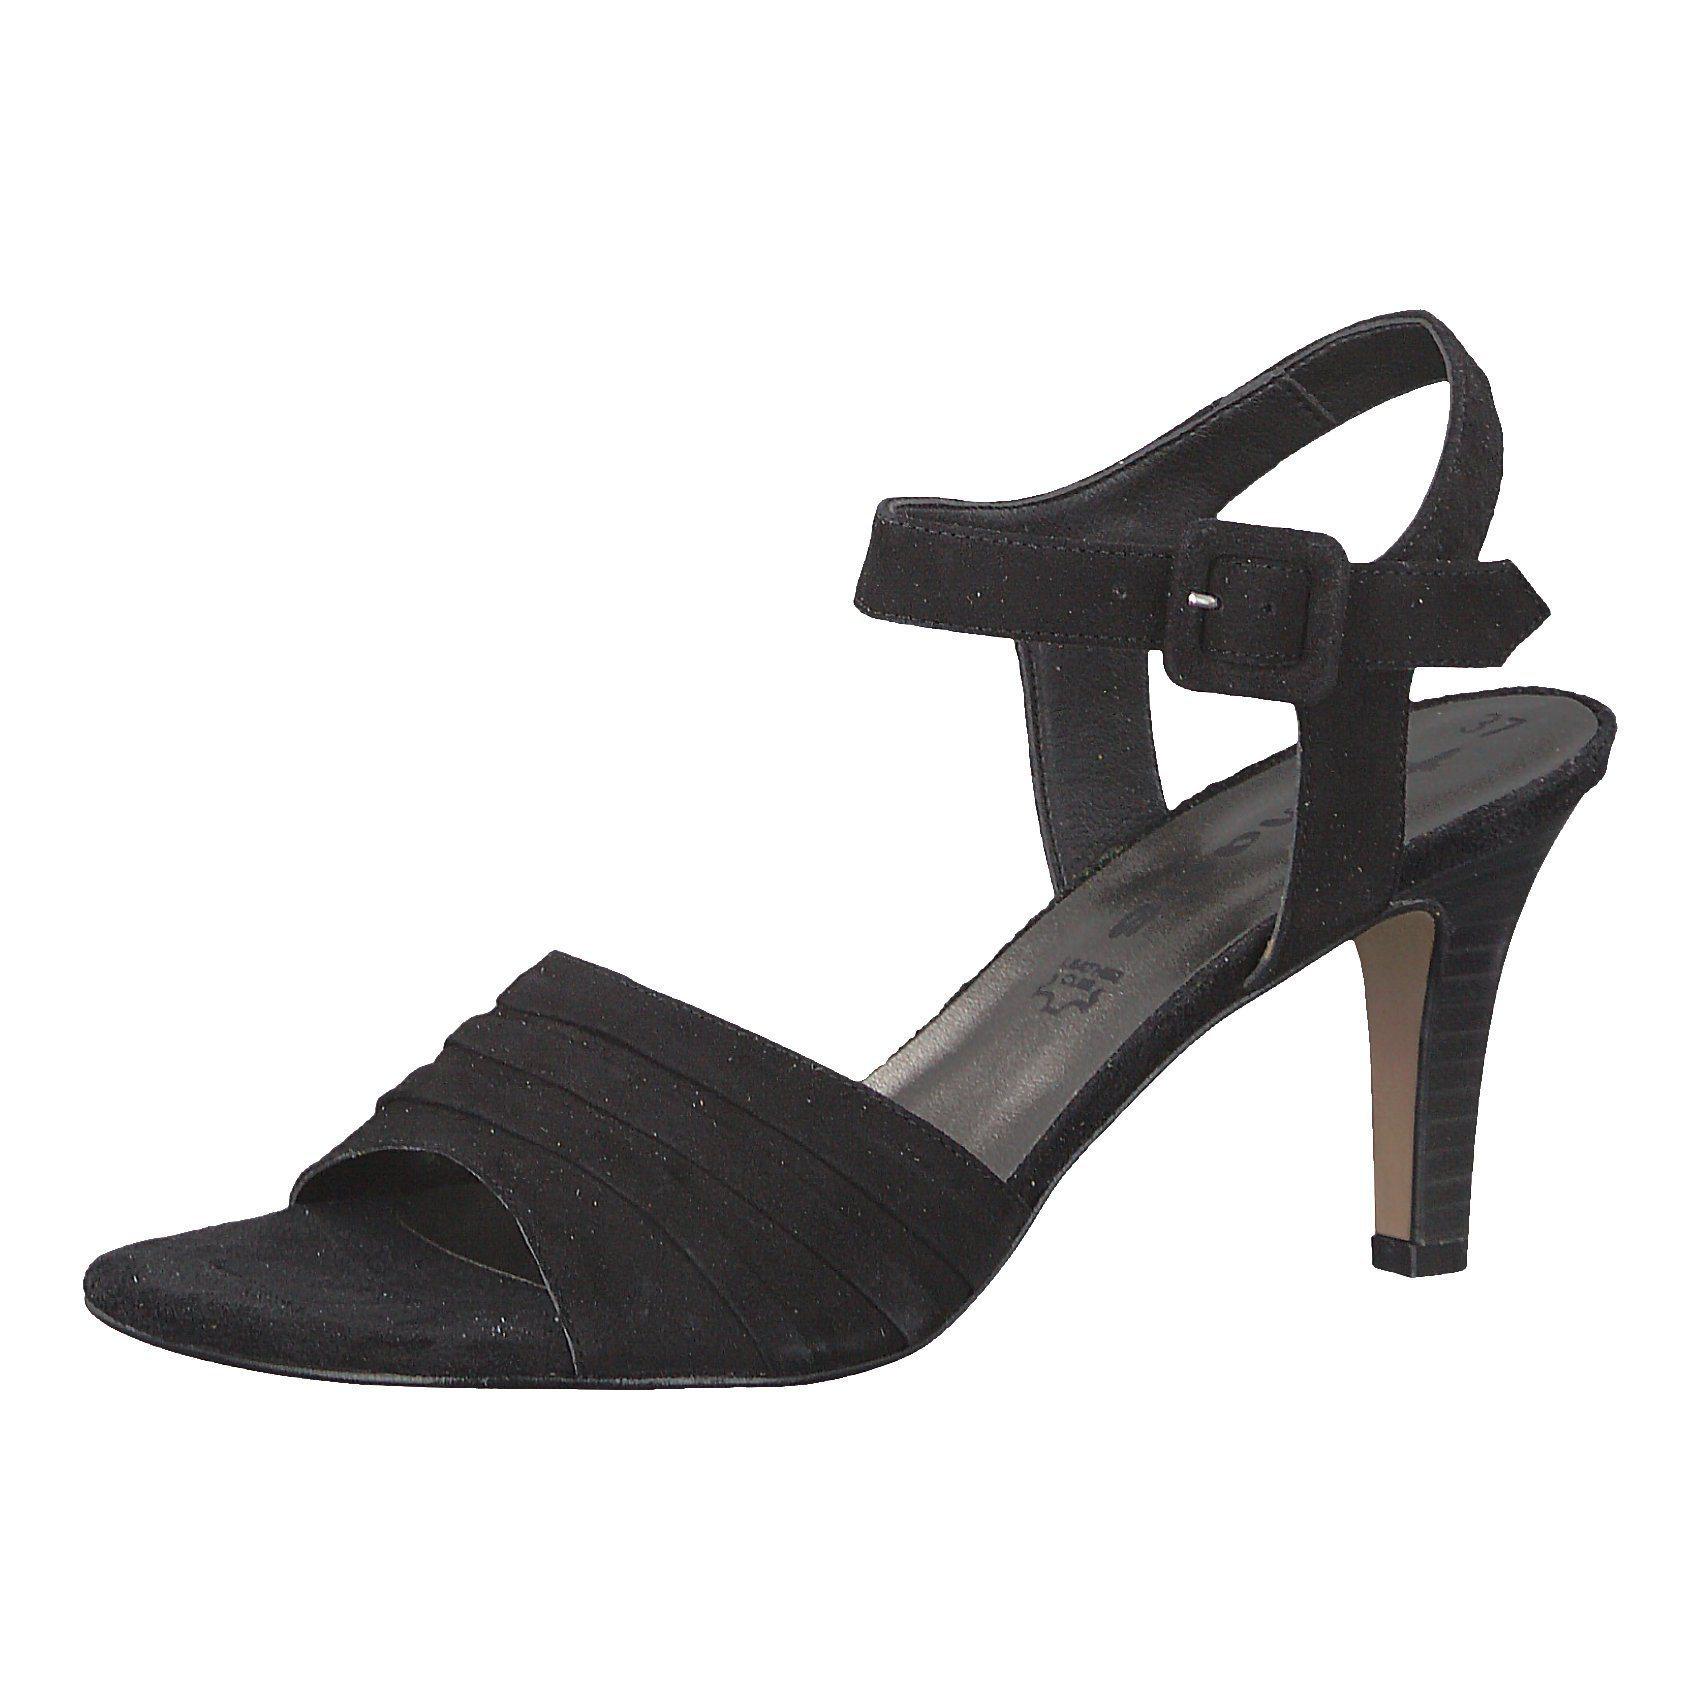 schwarze Wildleder Sandaletten von Tamaris